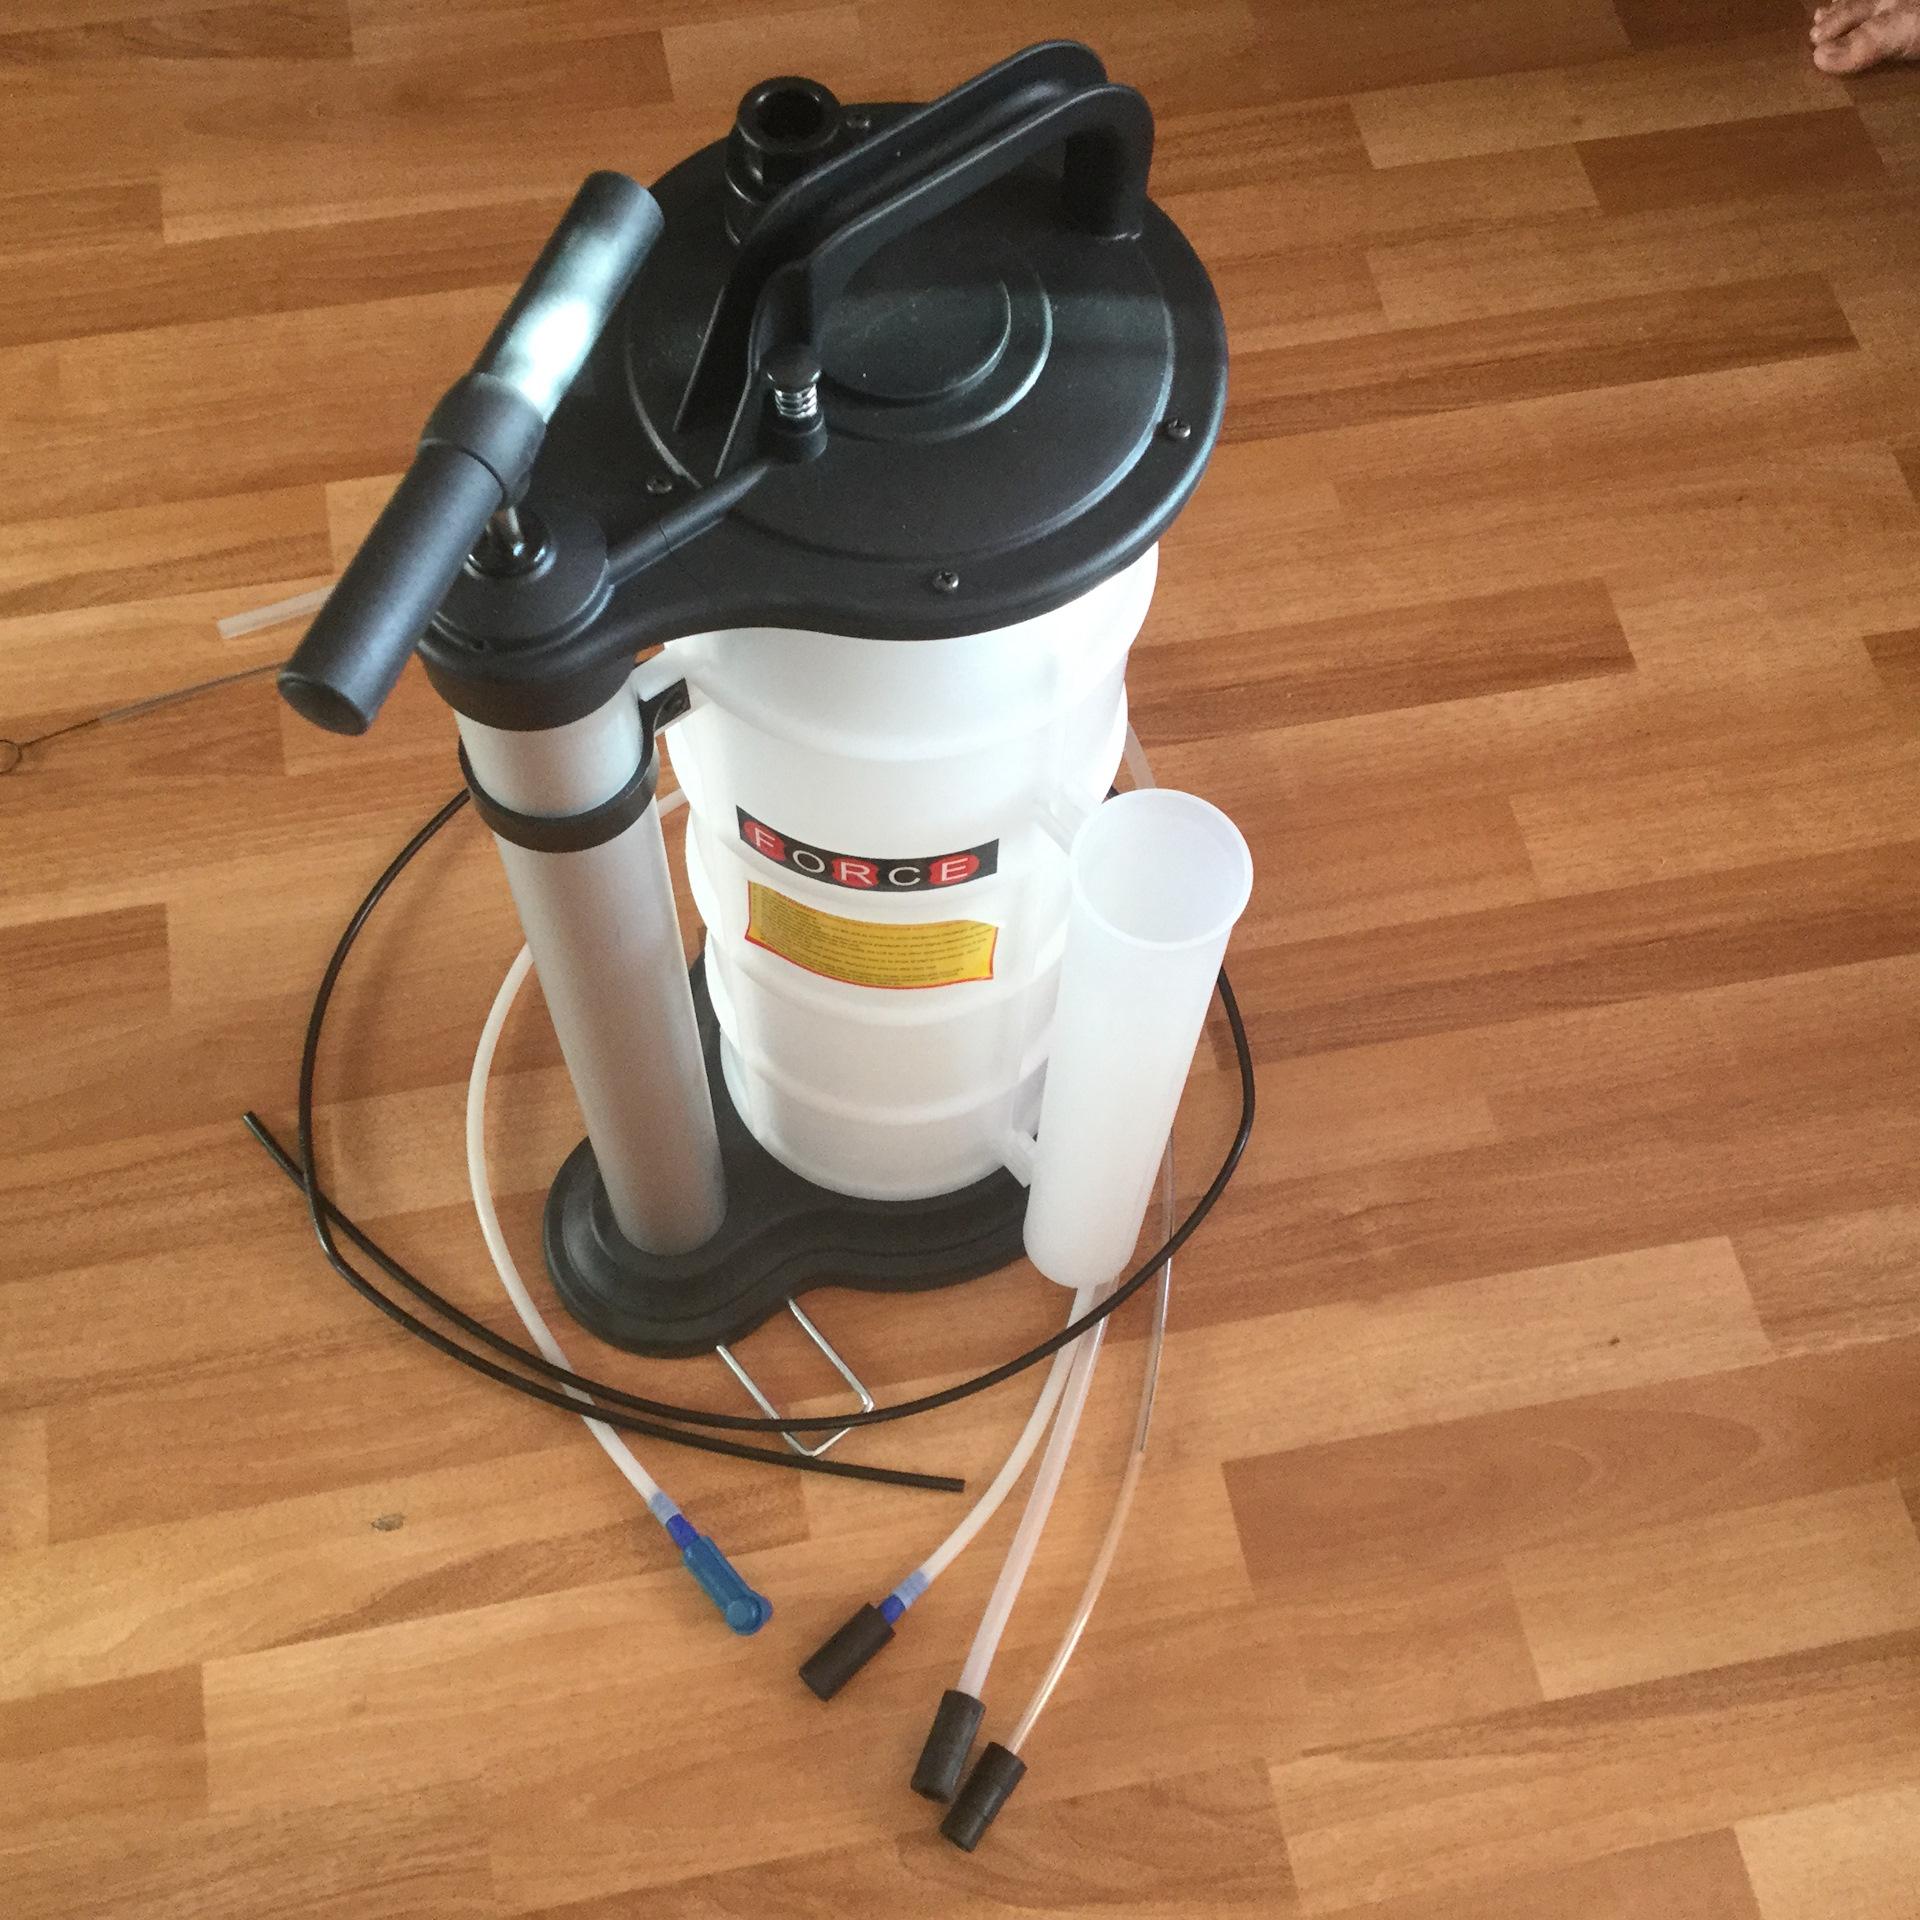 Вакуумный аппарат для откачки масла массажер vitek 1780 bk